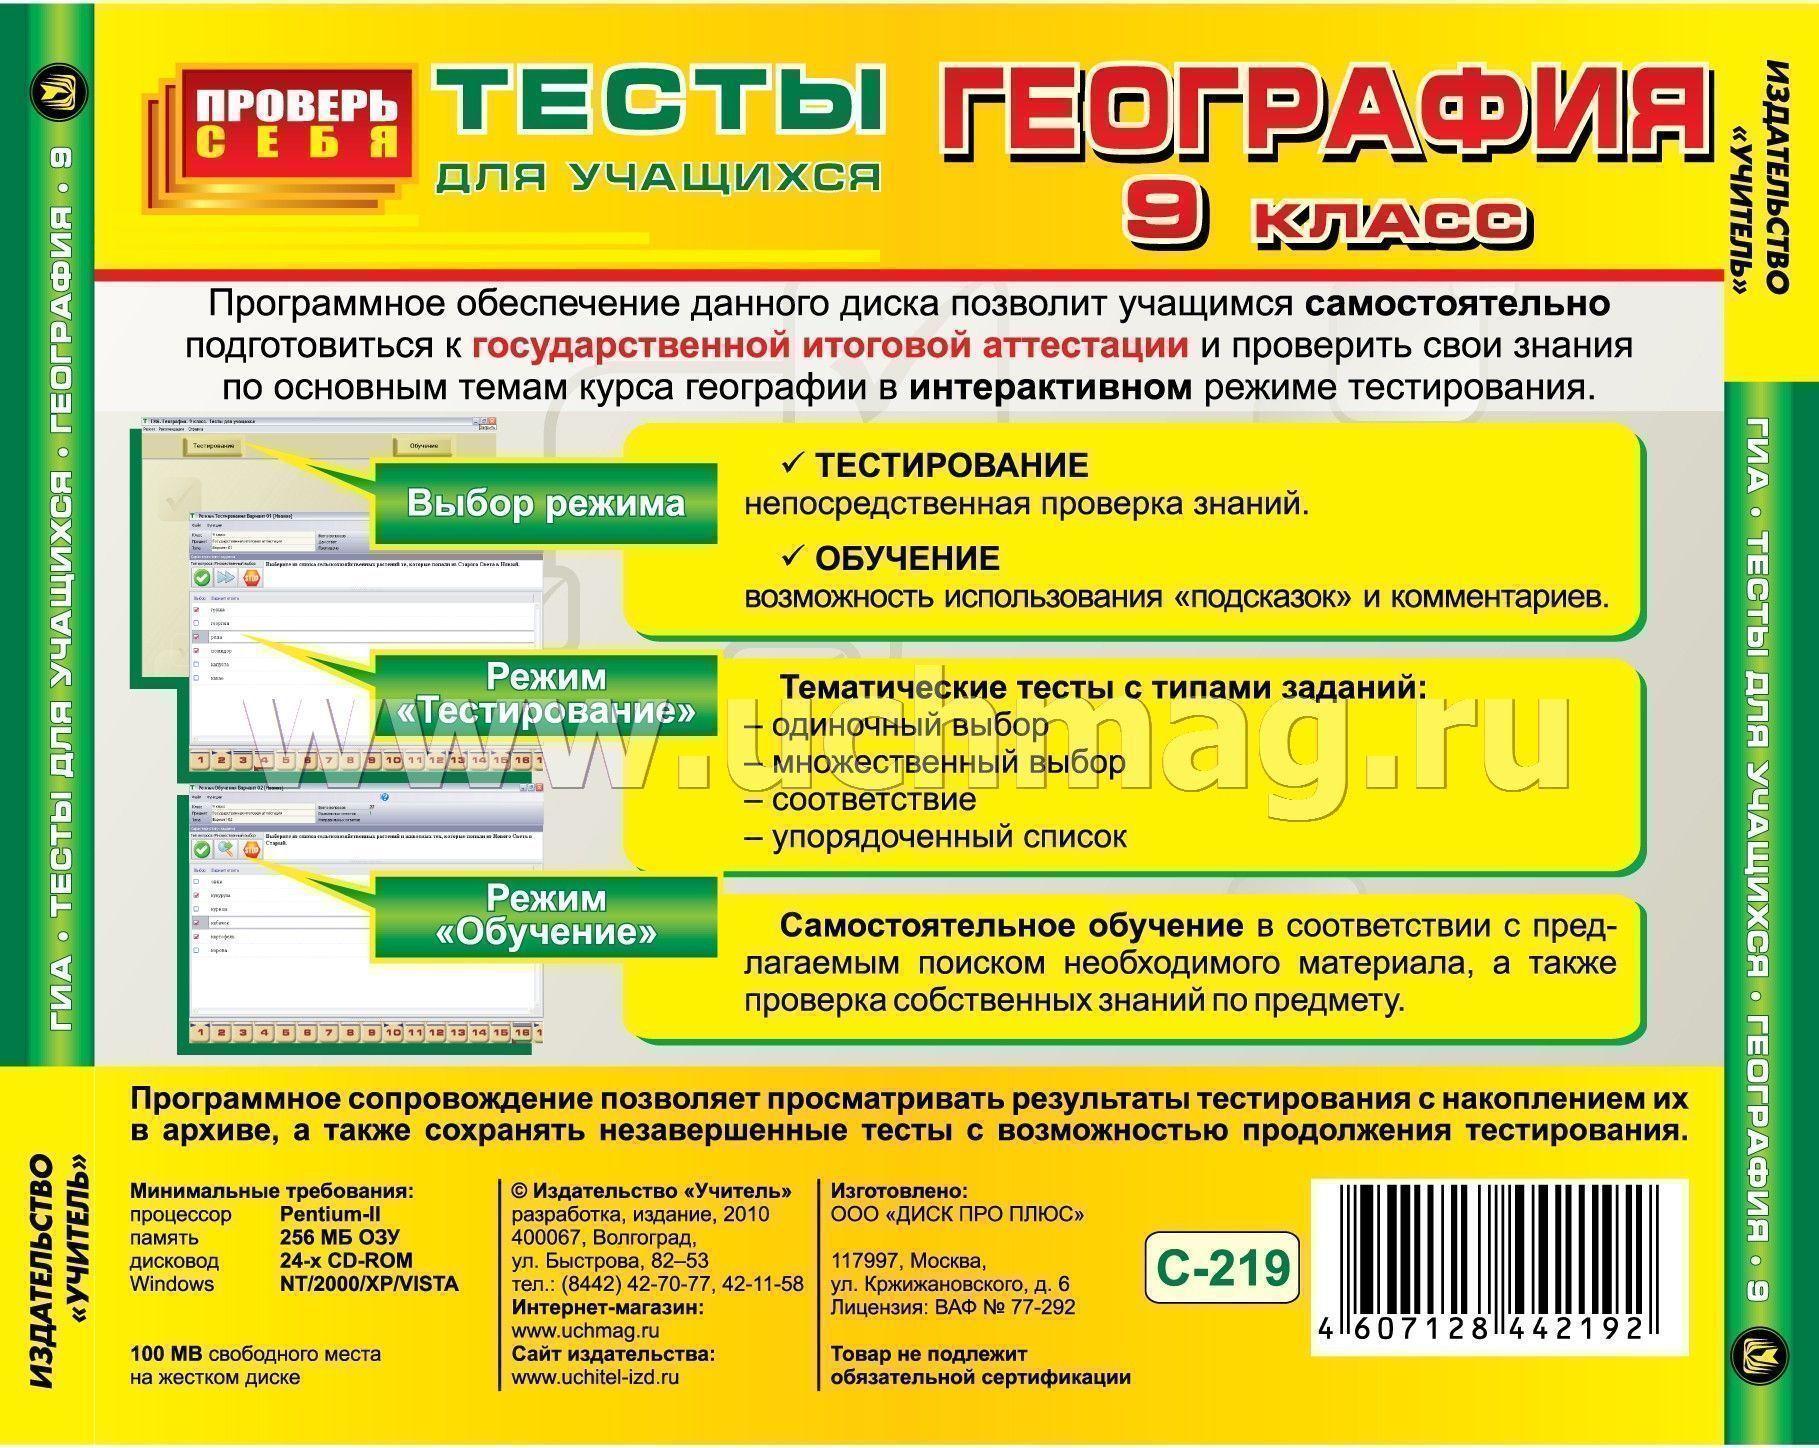 Постановление мэра города Ростов-на-Дону